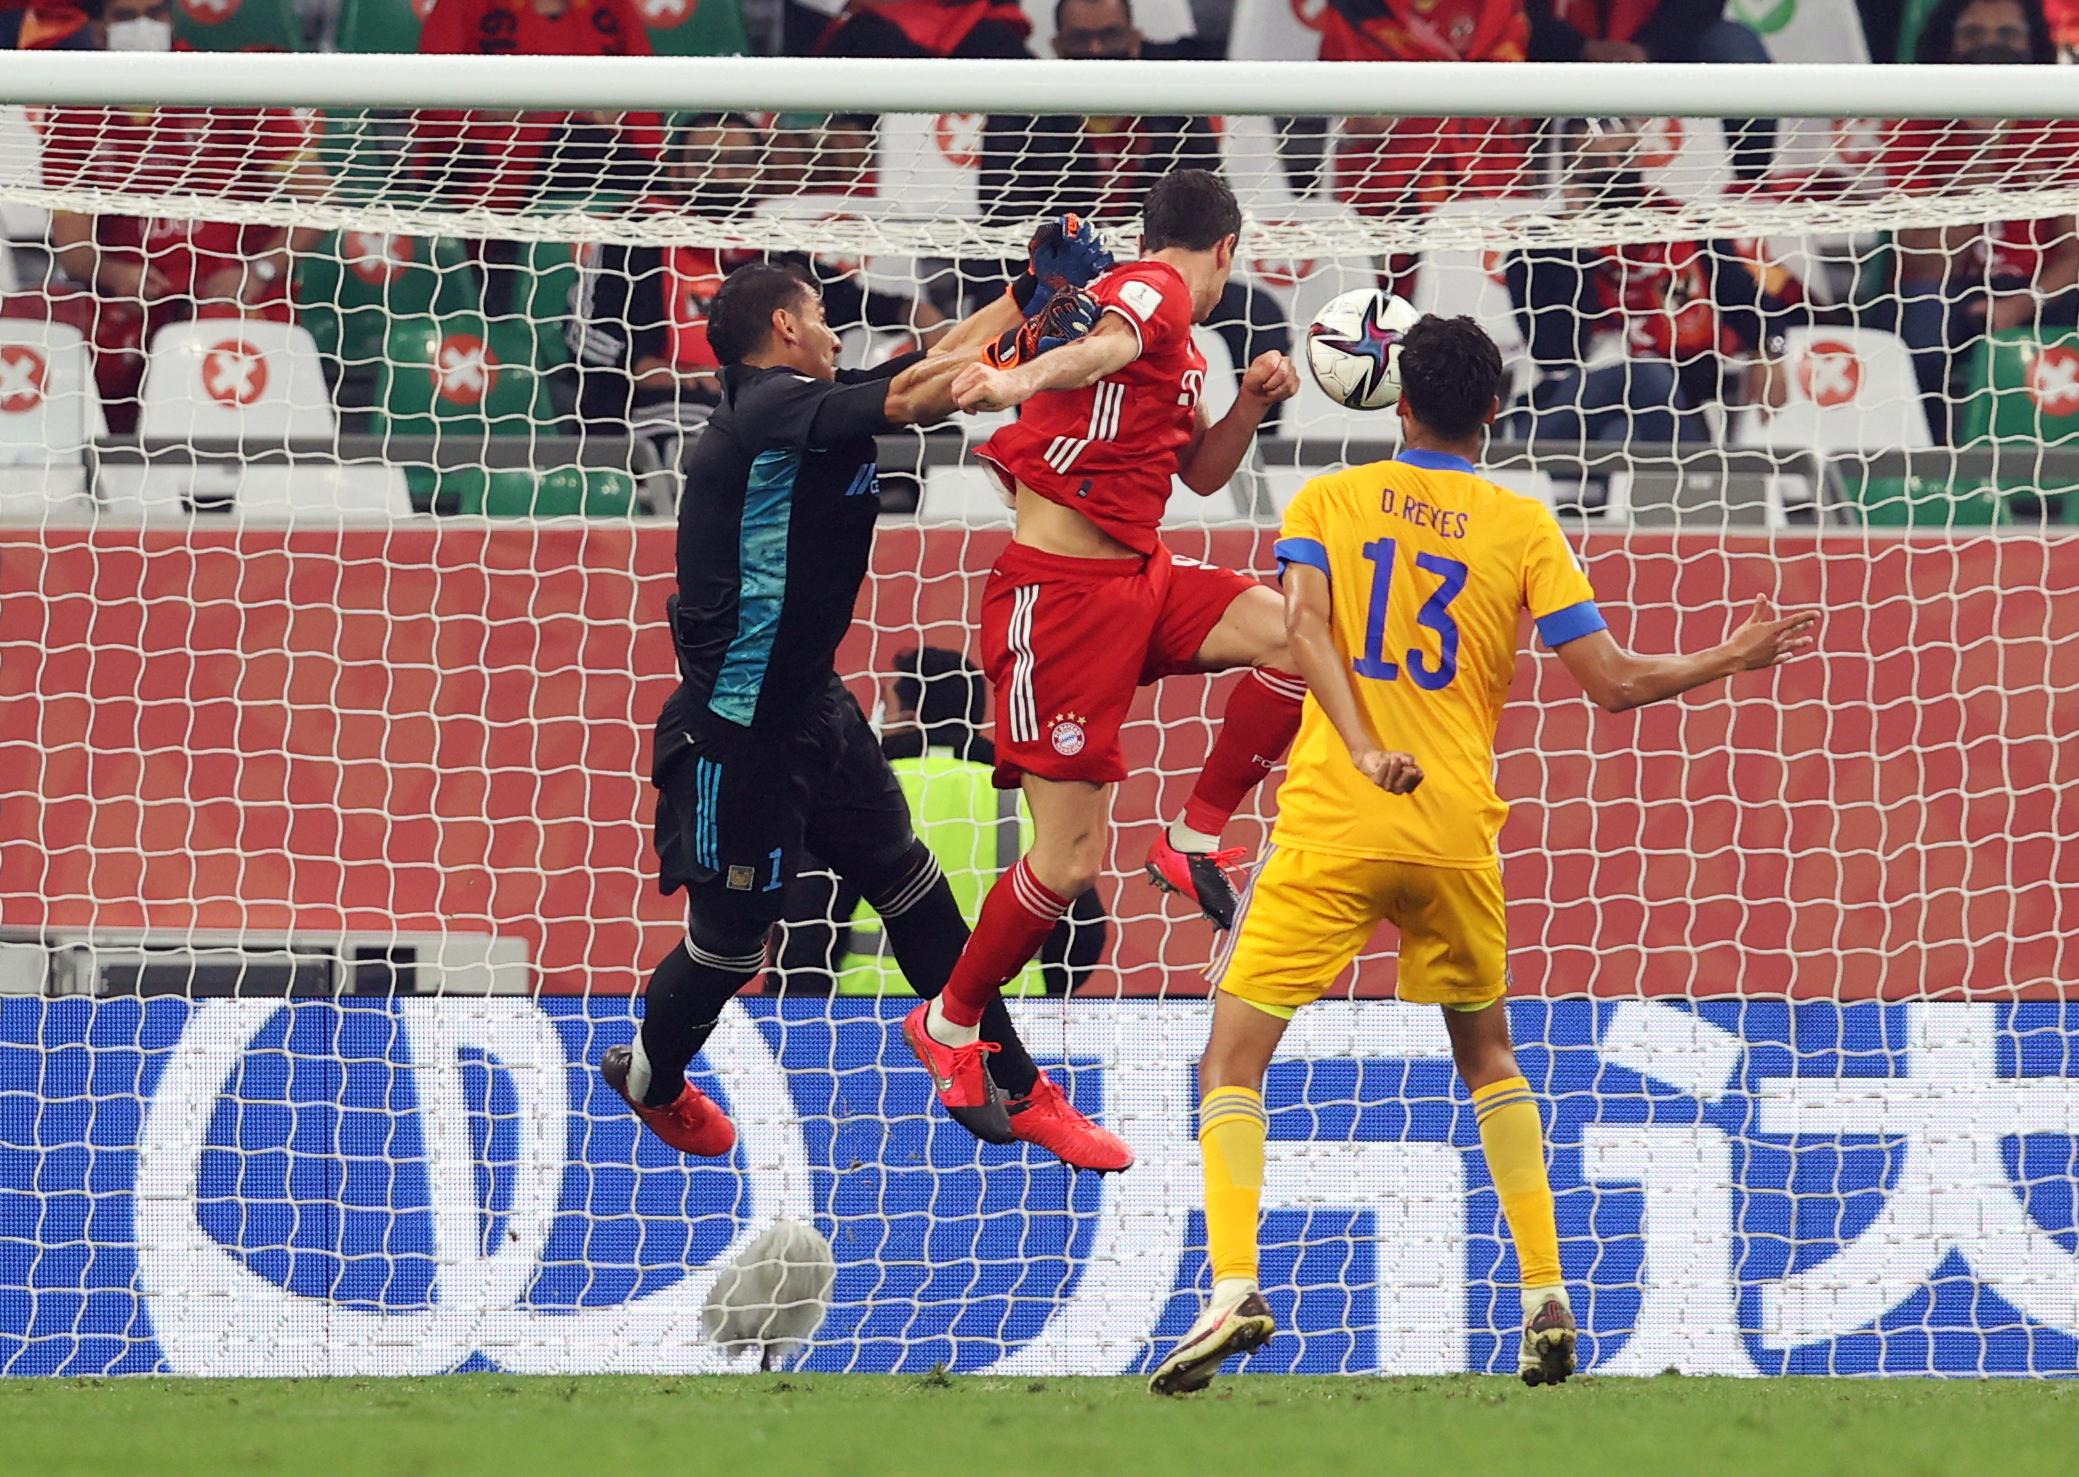 Benjamin Pavard marca el primer gol para el Bayern Múnich.